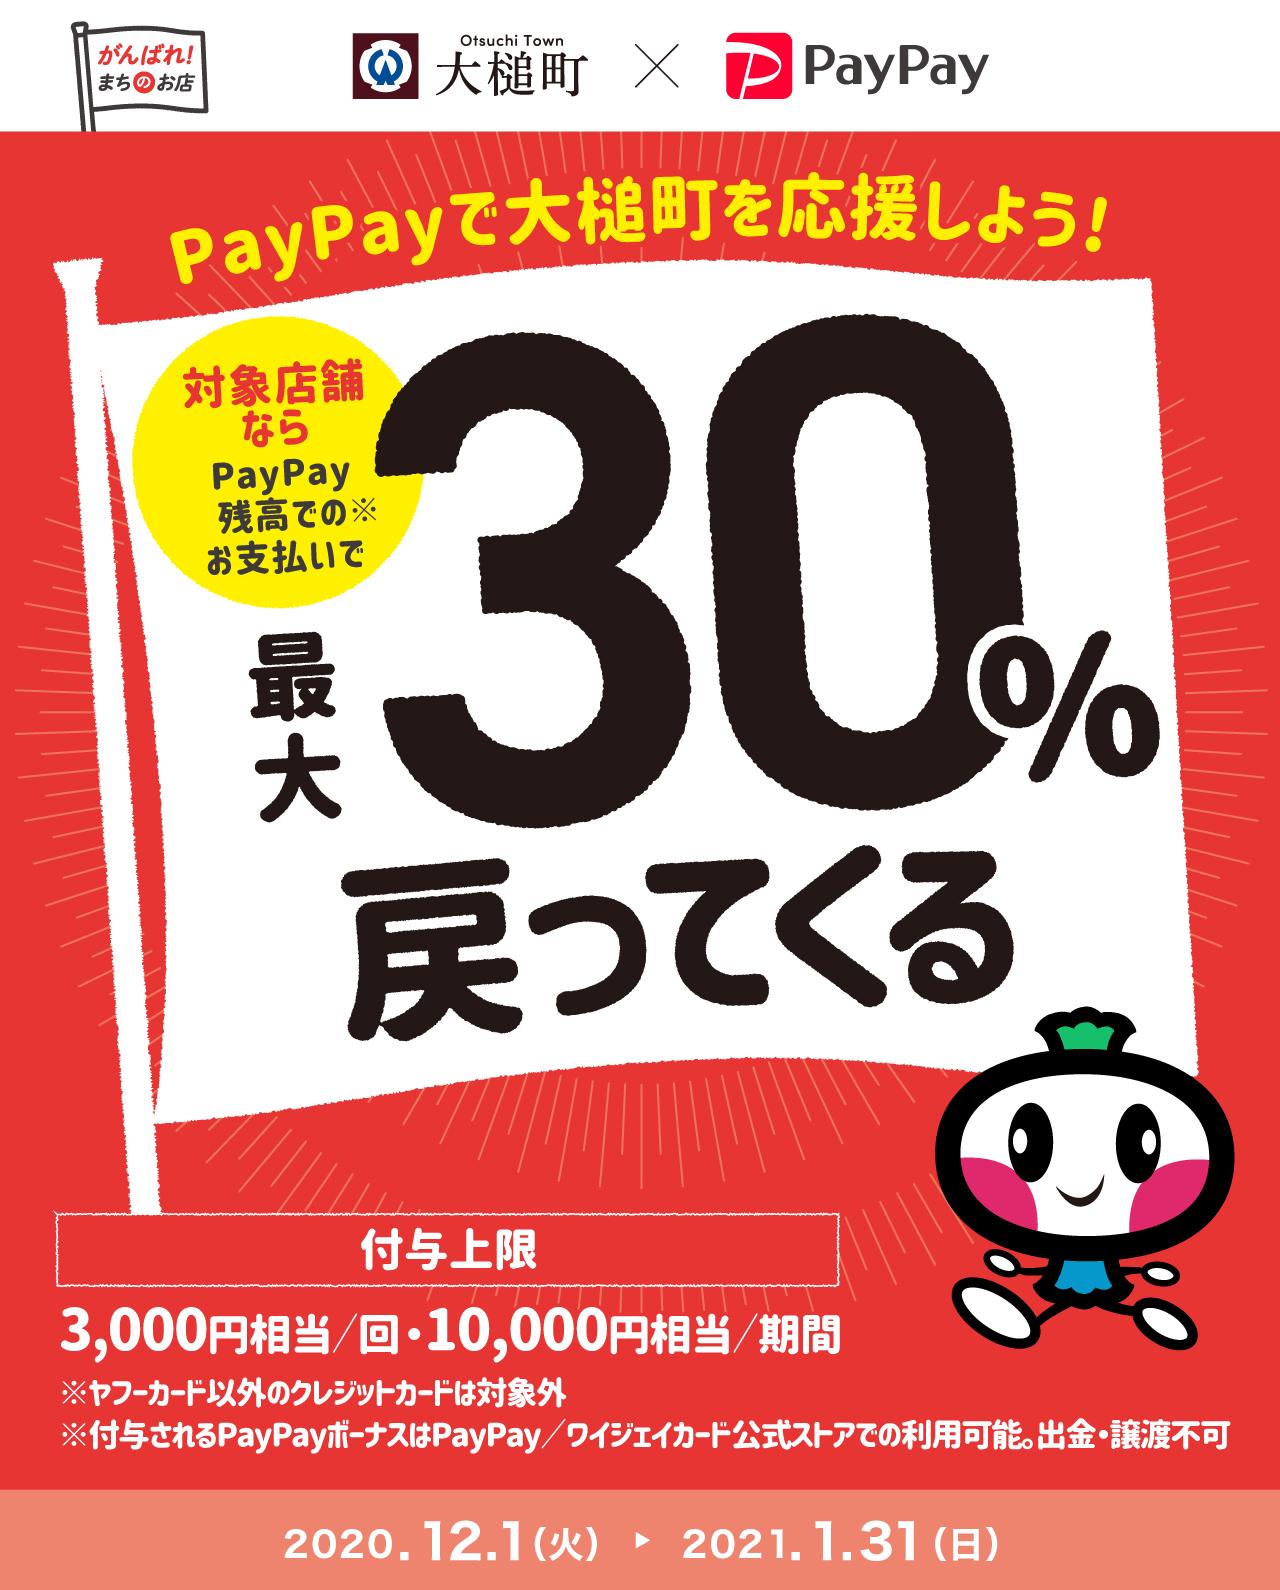 PayPayで大槌町を応援しよう! 対象店舗ならPayPay残高でのお支払いで 最大30%戻ってくる